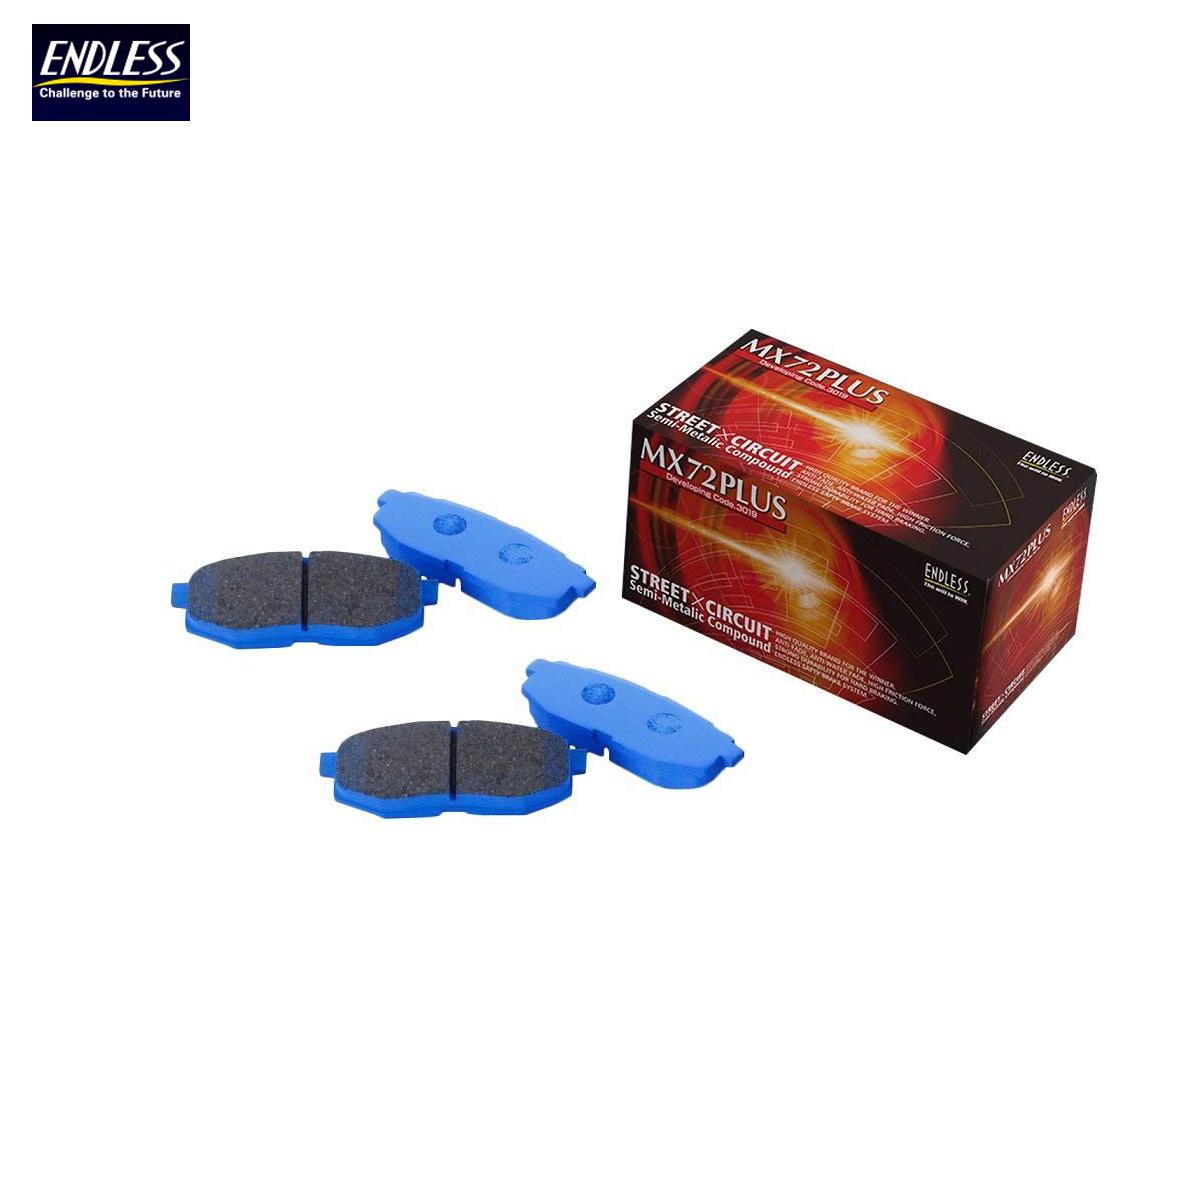 ENDLESS エンドレス ブレーキパッド MX72プラス リア EP354 ヴェロッサ GX115